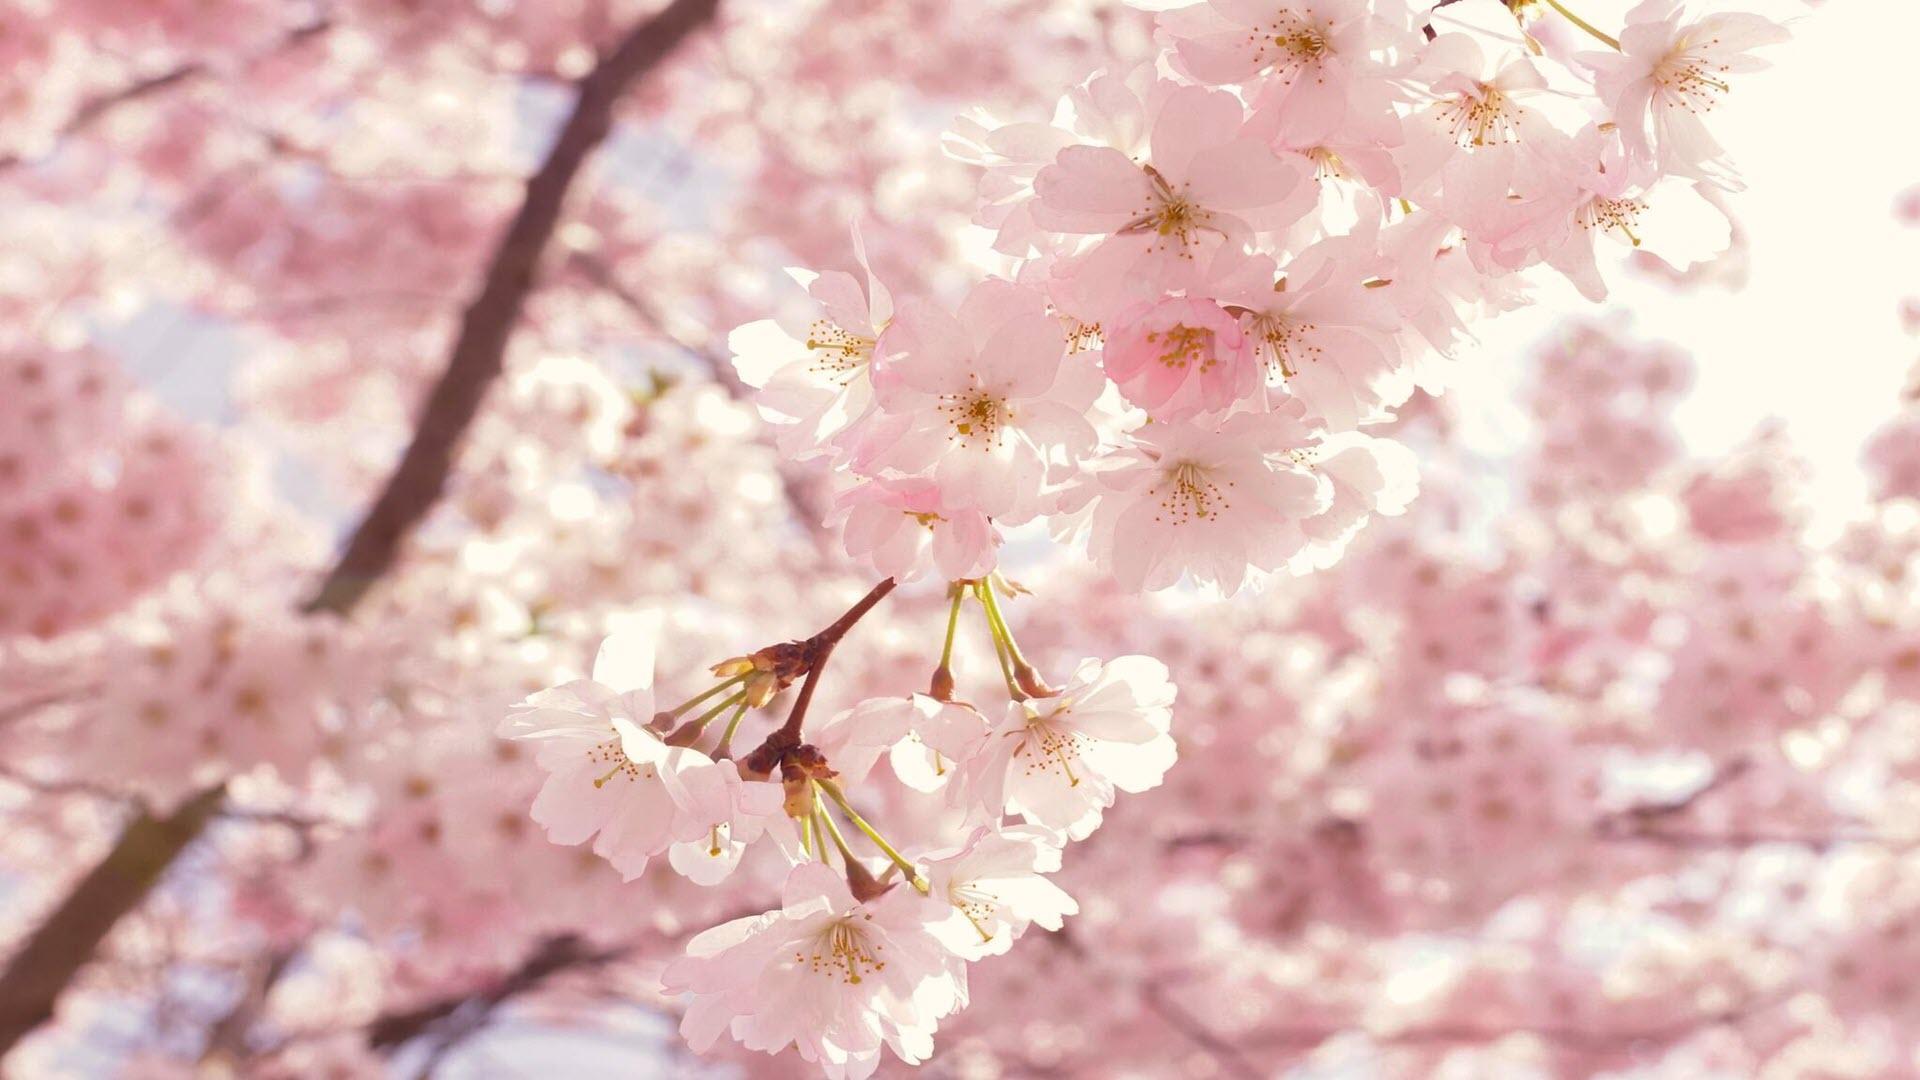 Hình nền hoa anh đào mùa xuân cực đẹp